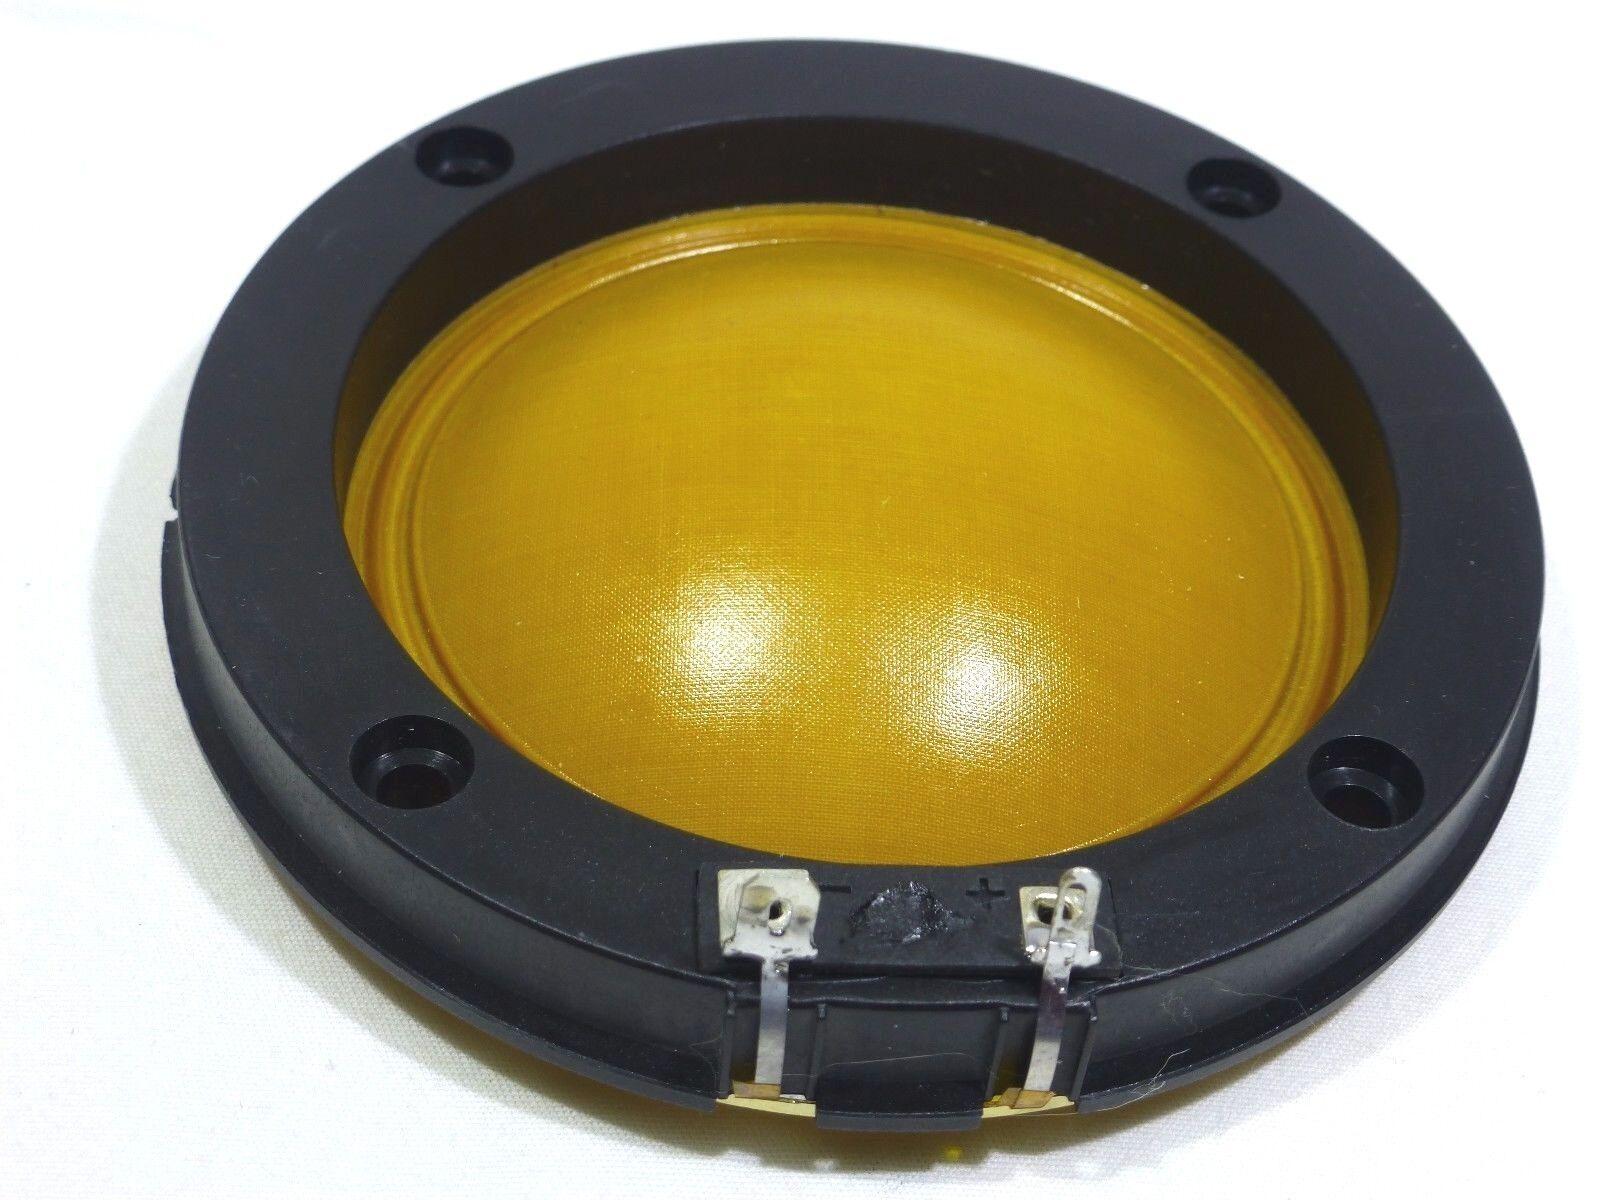 Replacement Diaphragm JBL   Selenium - RPD300 For D305, D300 Driver 8 ohms